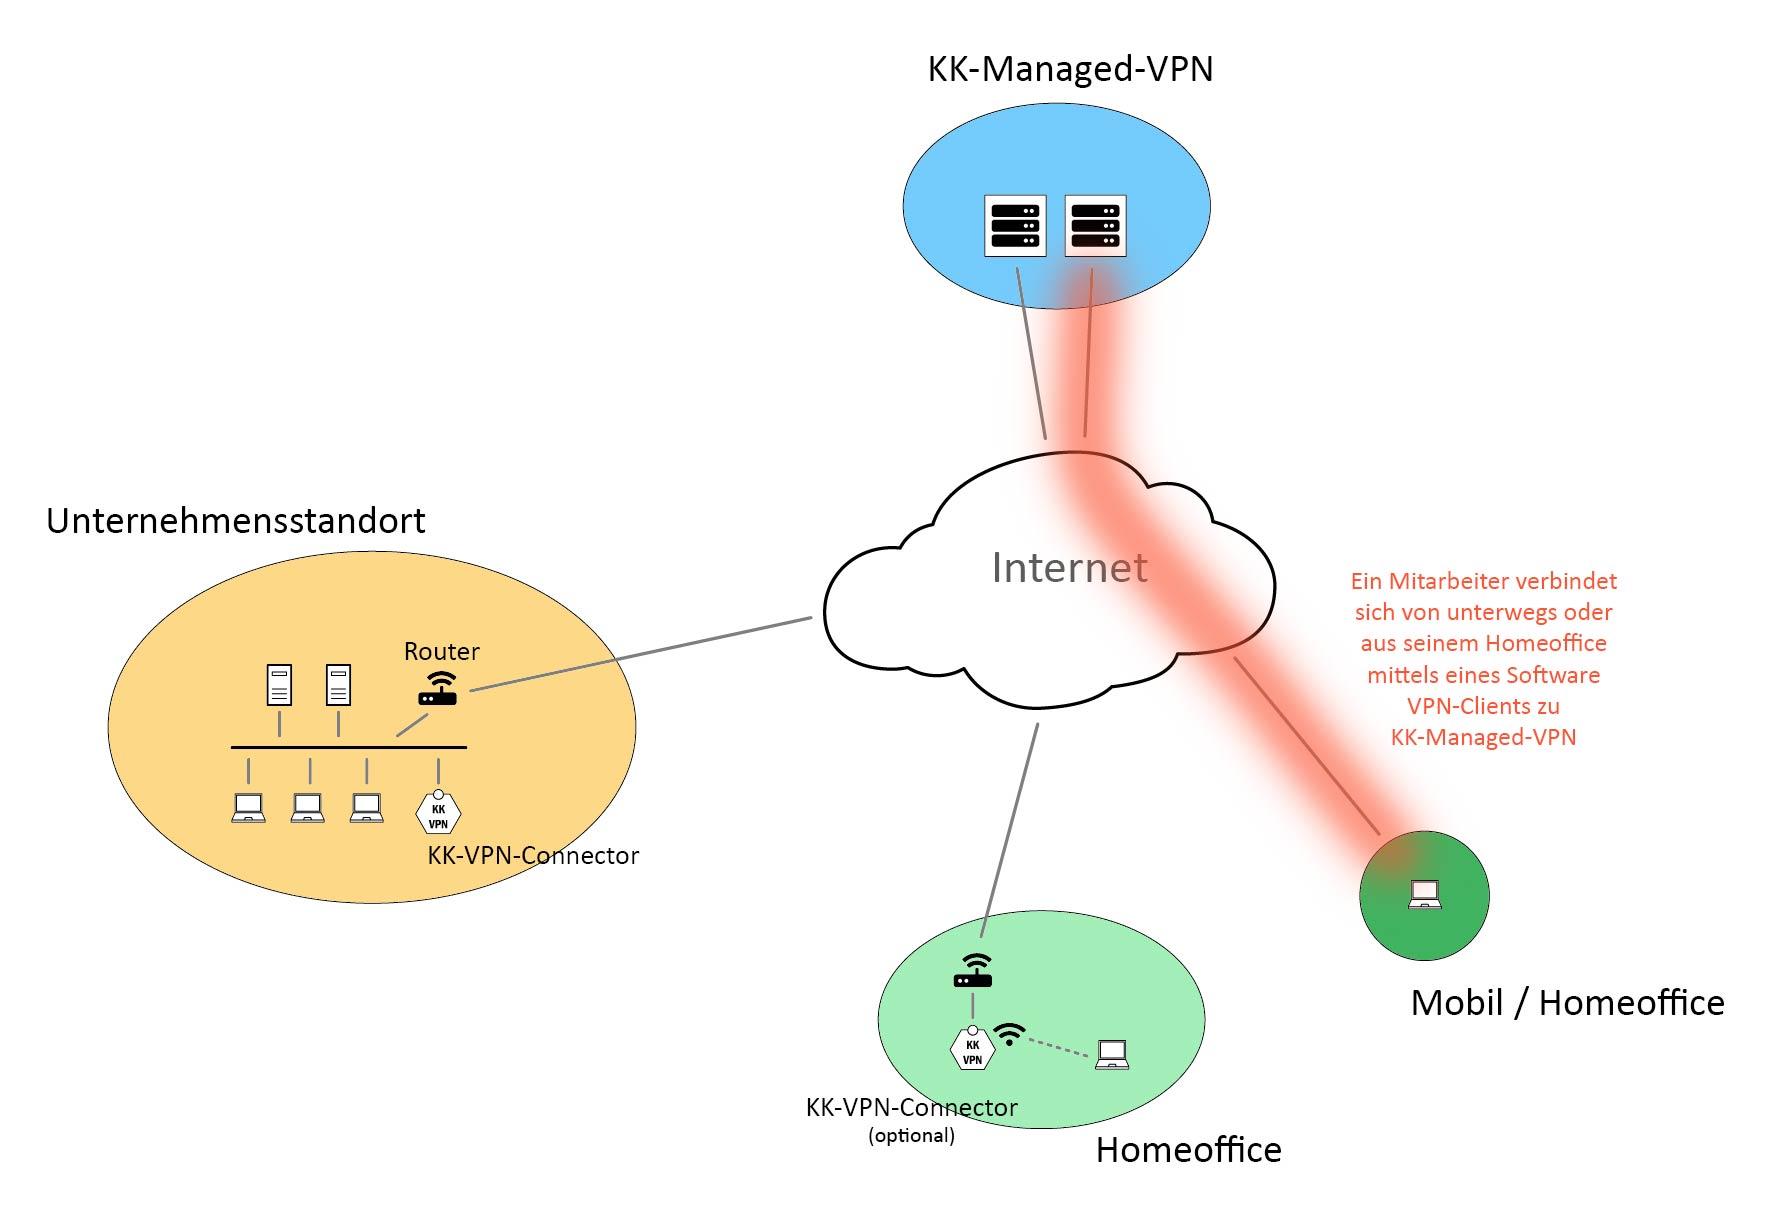 Zugriff durch externe Mitarbeiter mittels Software VPN-Client